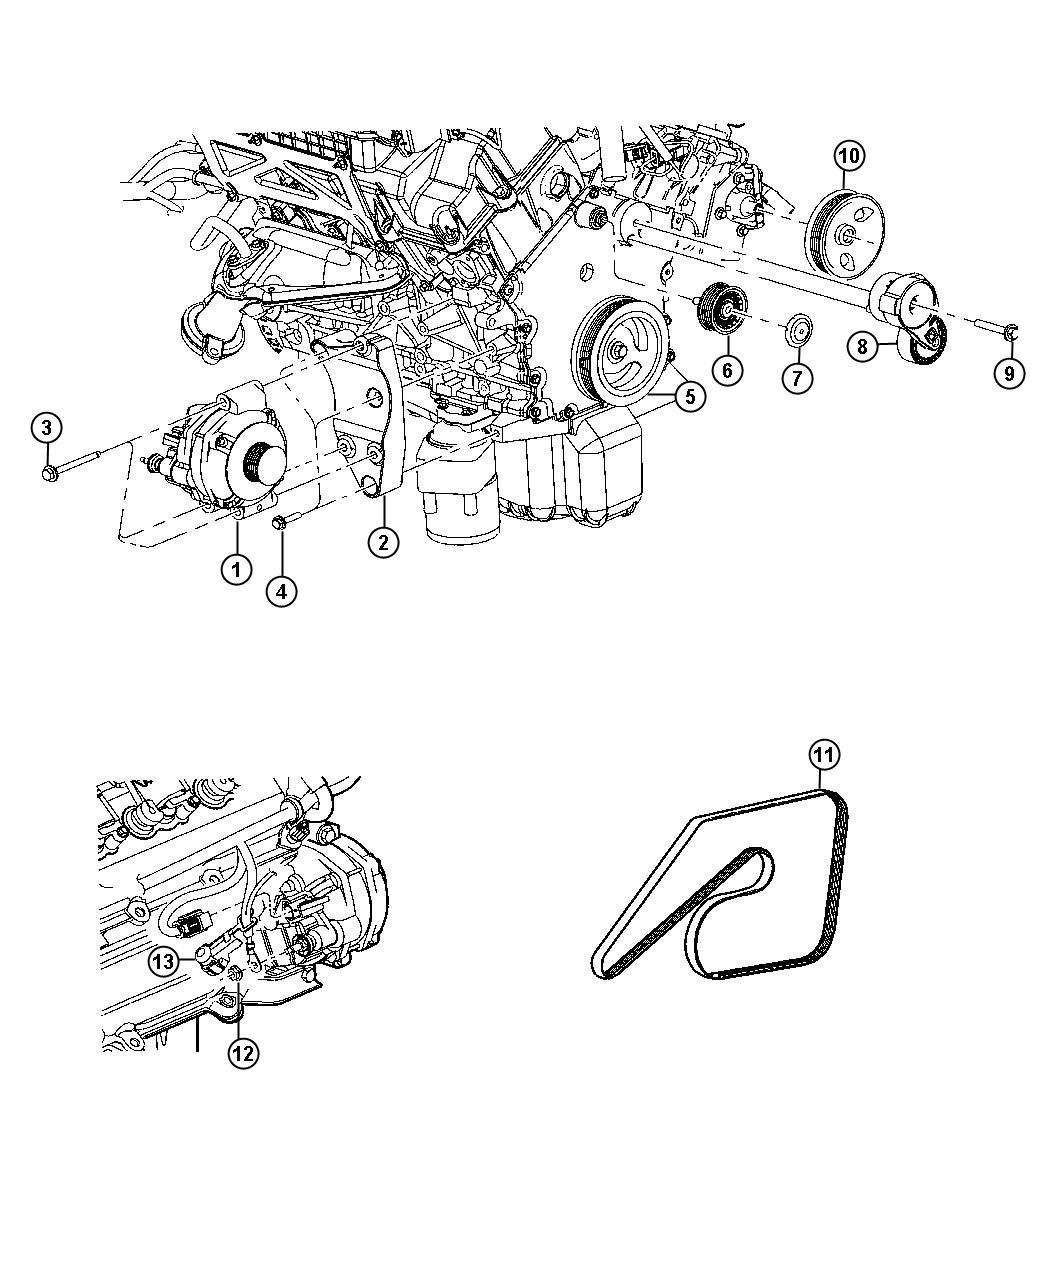 chrysler 300 v6 engine diagram chrysler free engine image for user